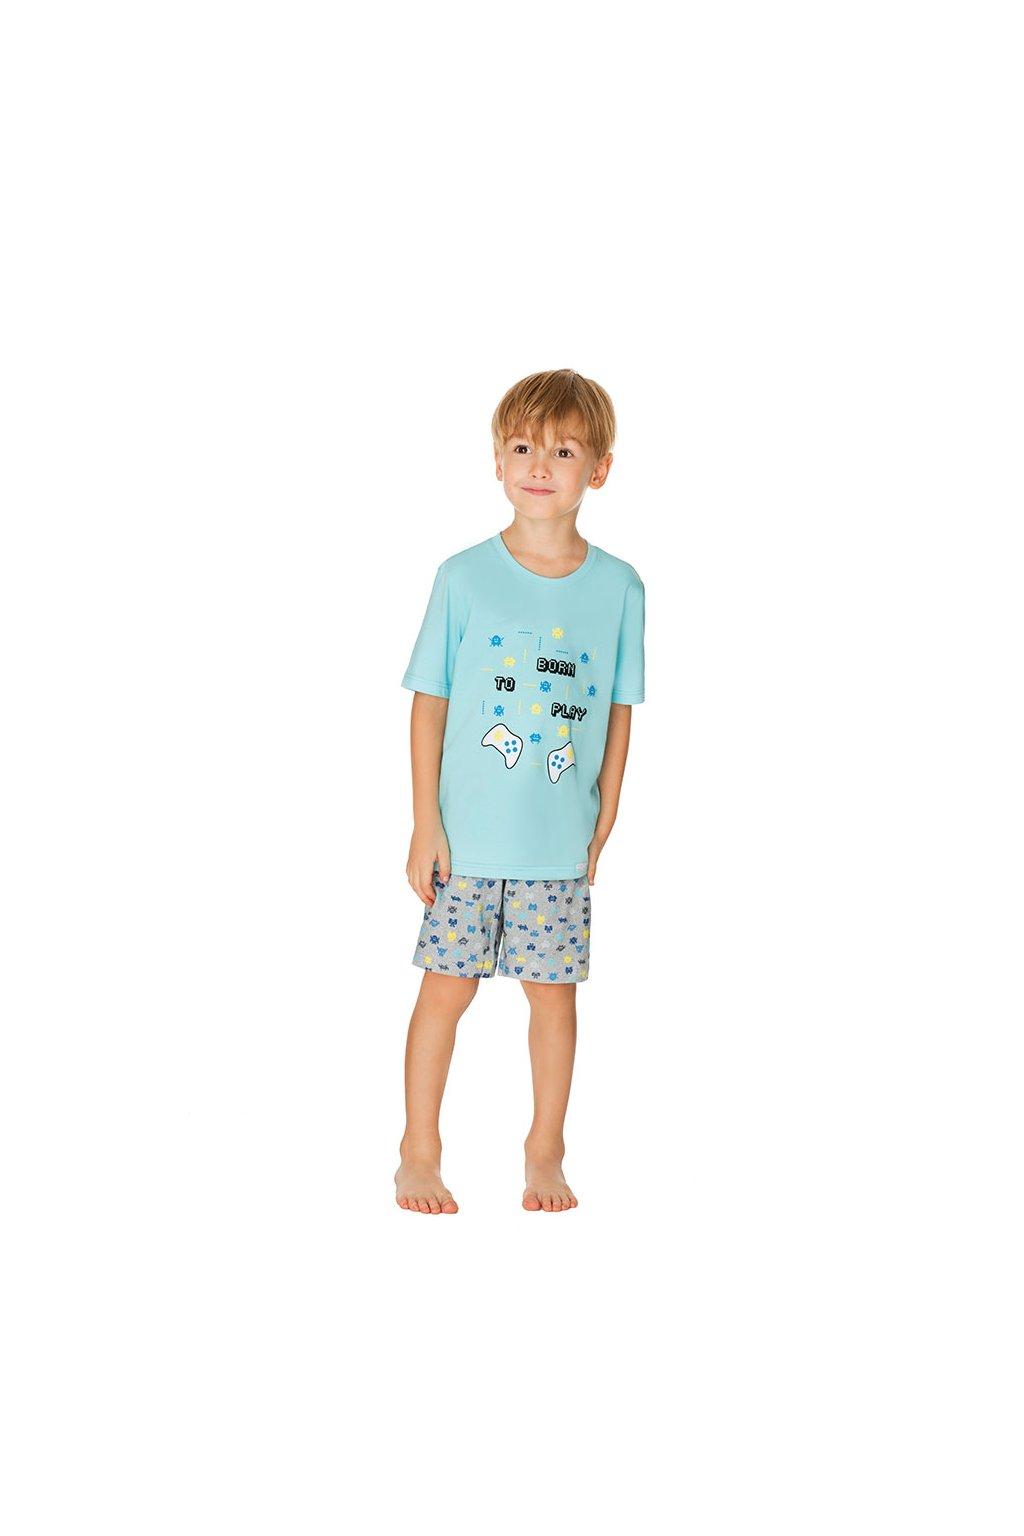 Chlapecké pyžamo s krátkým rukávem, 50495 917, tyrkysová